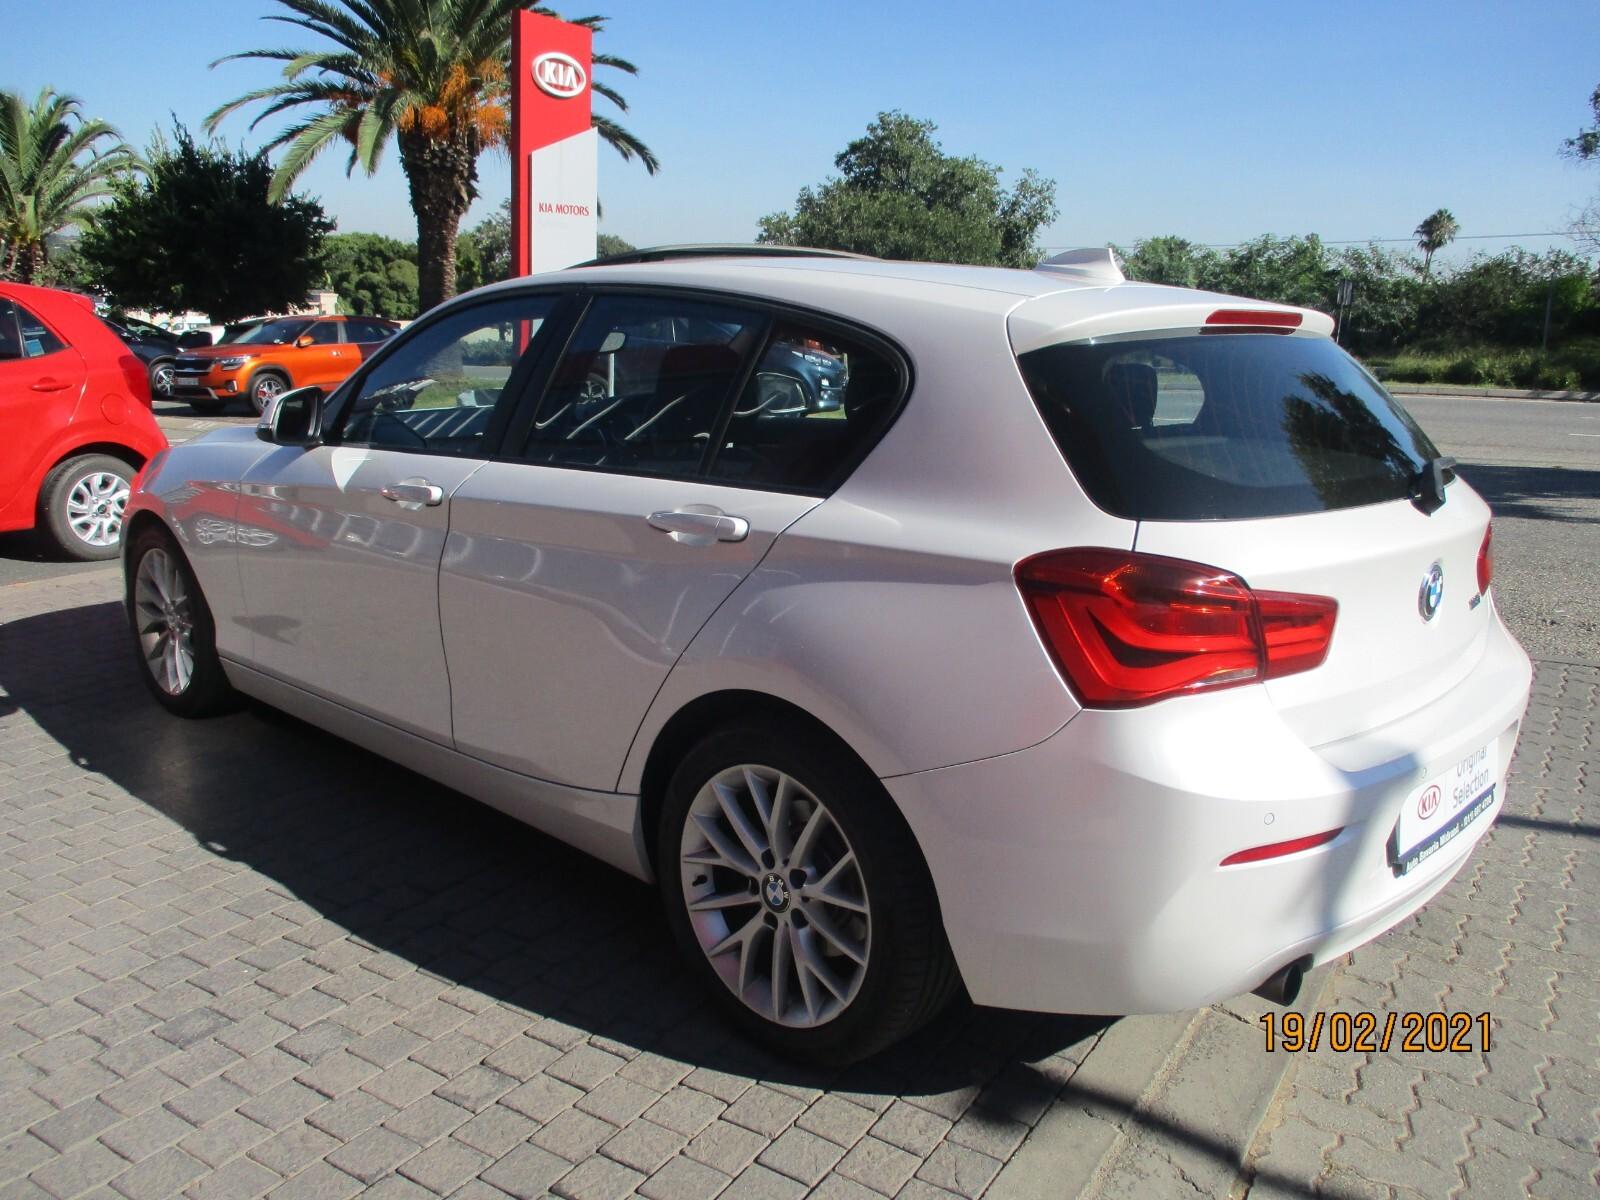 BMW 118i 5DR A/T (F20) Sandton 4328508